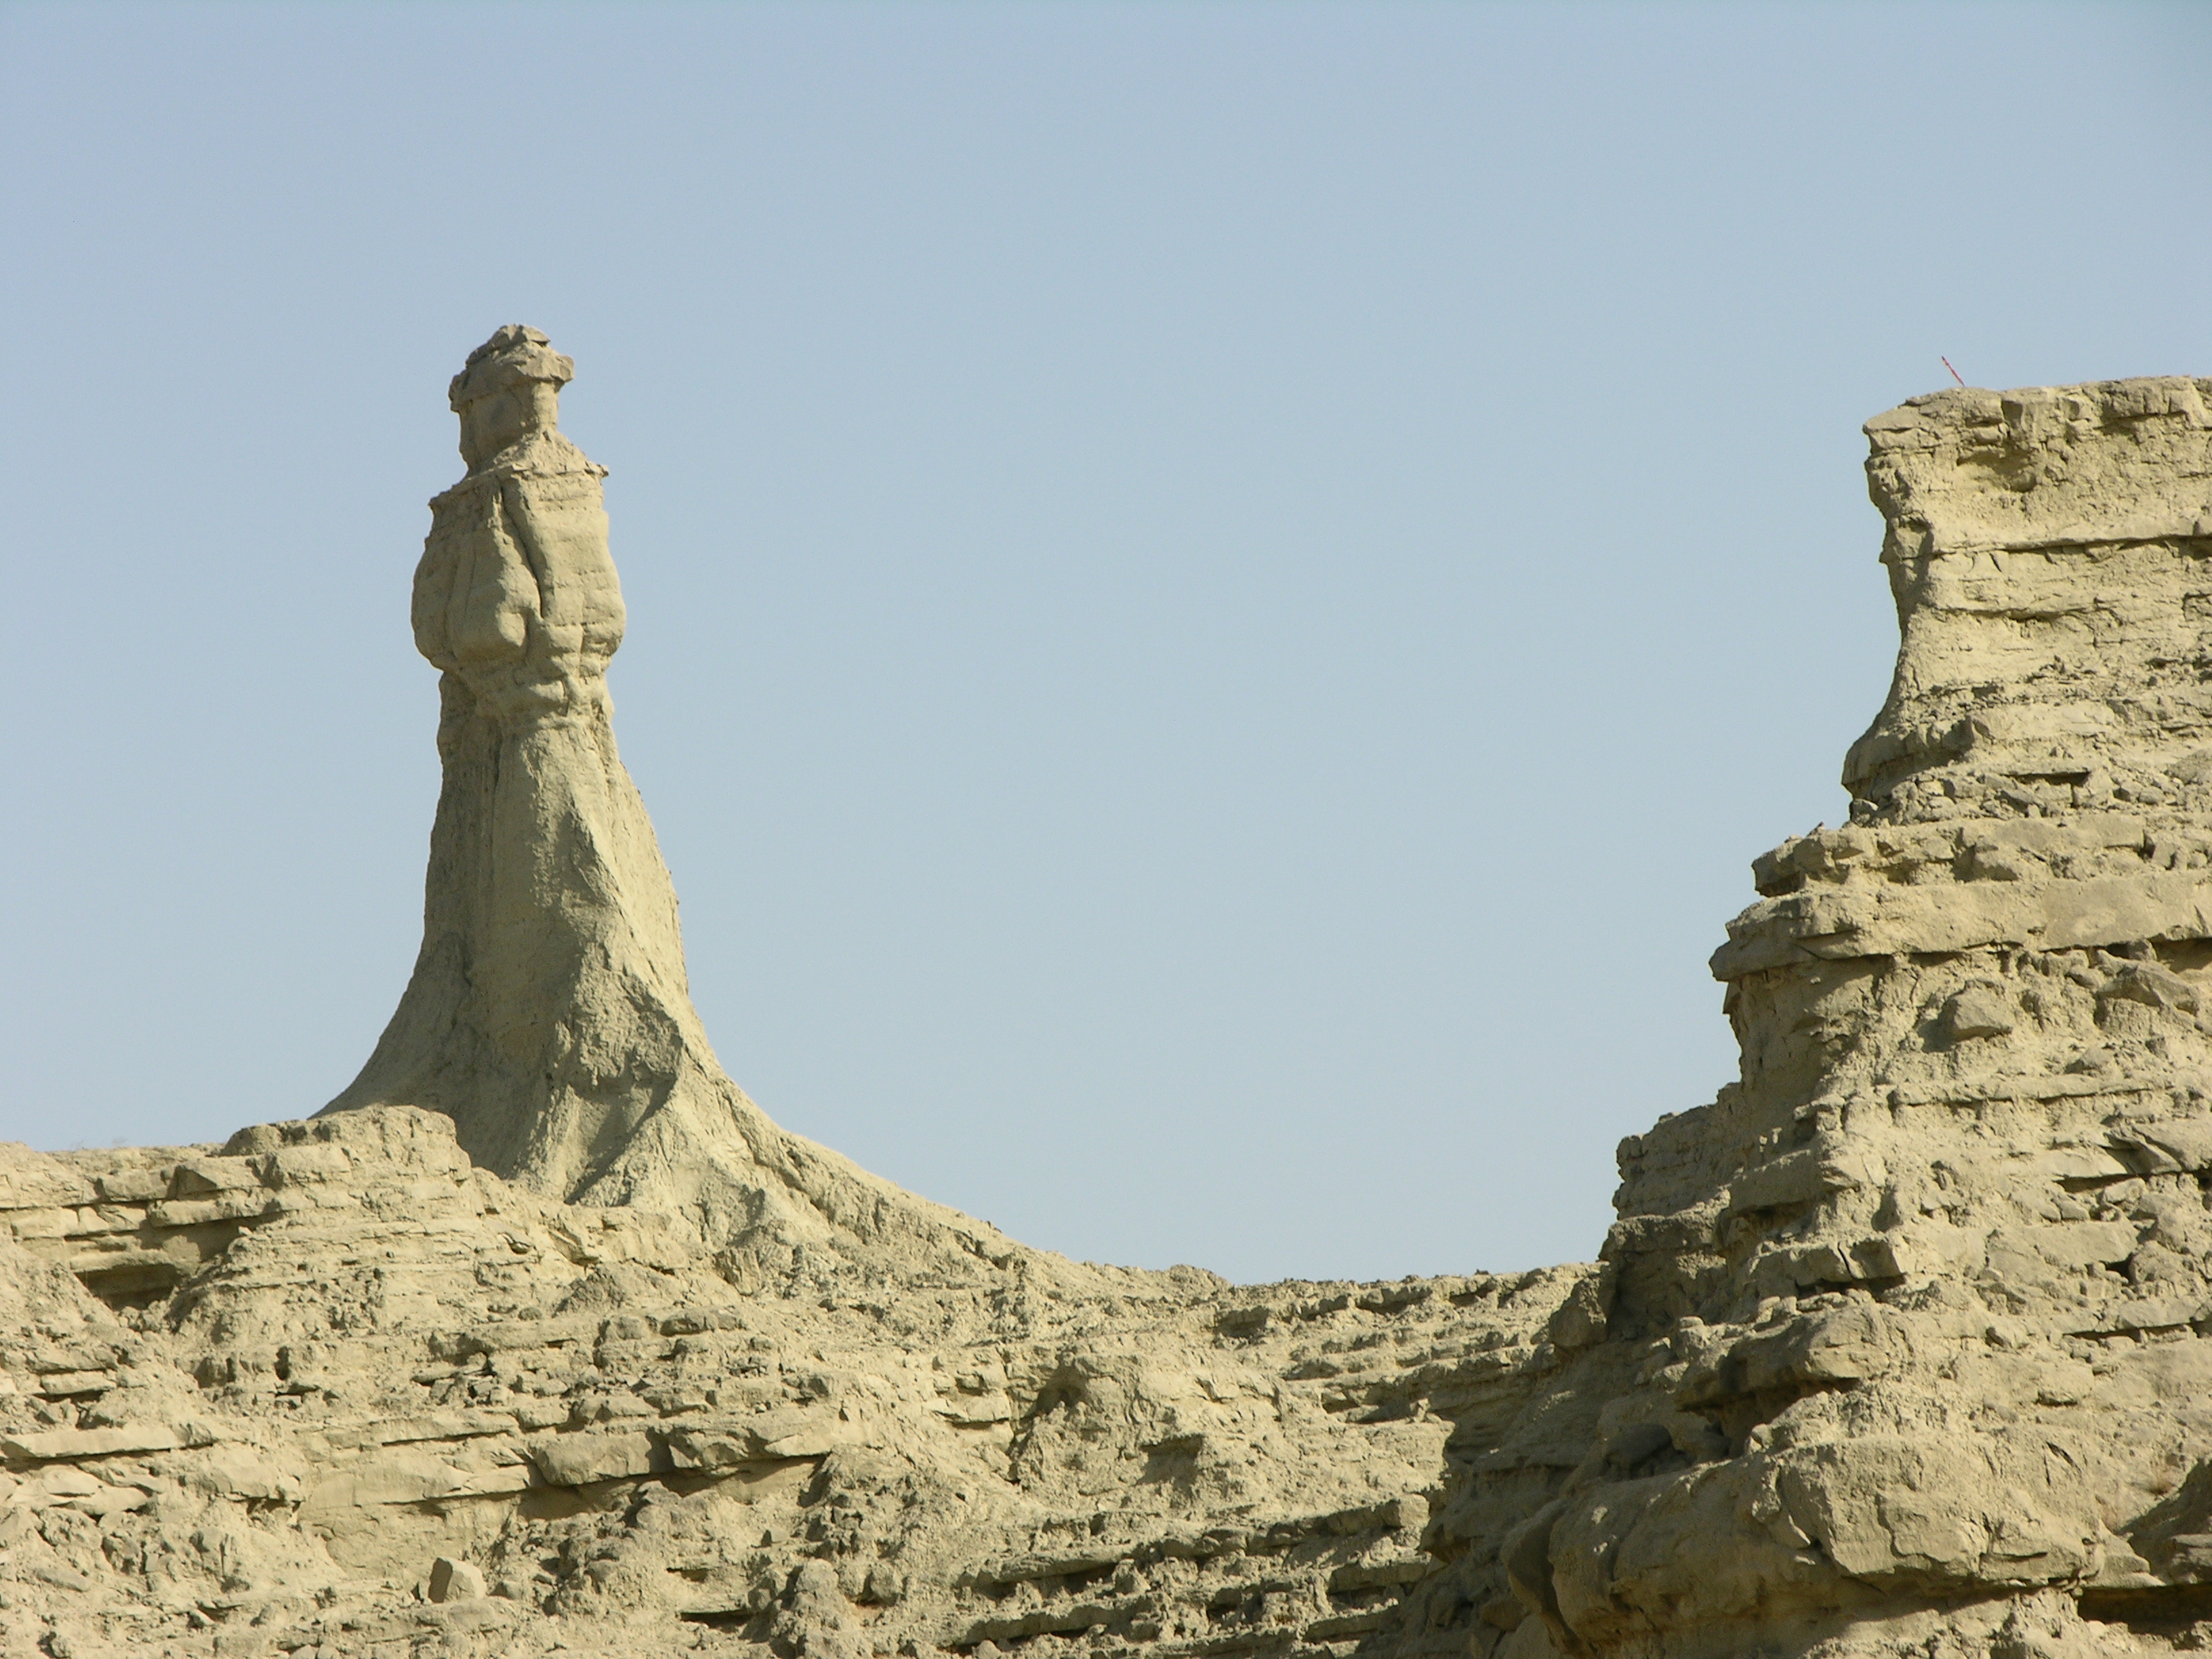 Chinji National Park